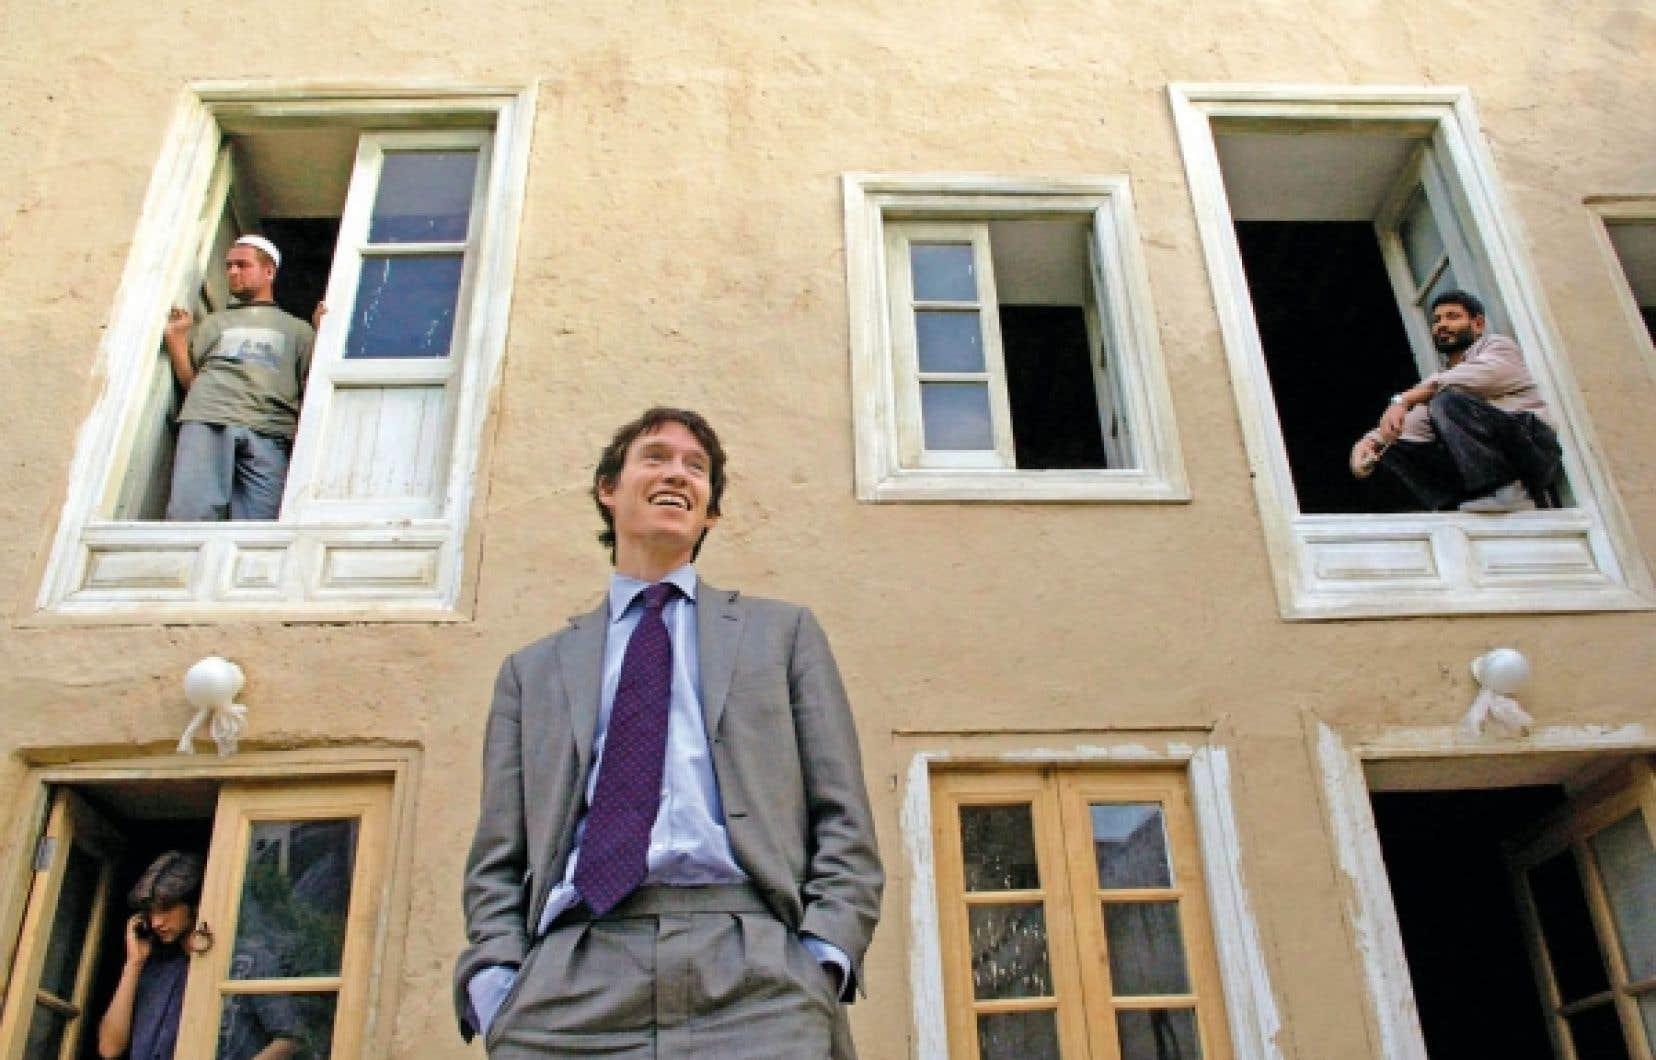 Kaboul, Afghanistan. Rory Stewart pose devant un bâtiment en rénovation qui abrite les bureaux de la Fondation Turquoise Mountain, une ONG fondée en 2006 pour laquelle il a agi à titre de directeur général jusqu'en 2010. L'organisme caritatif œuvre à maintenir et renforcer la culture afghane.<br />